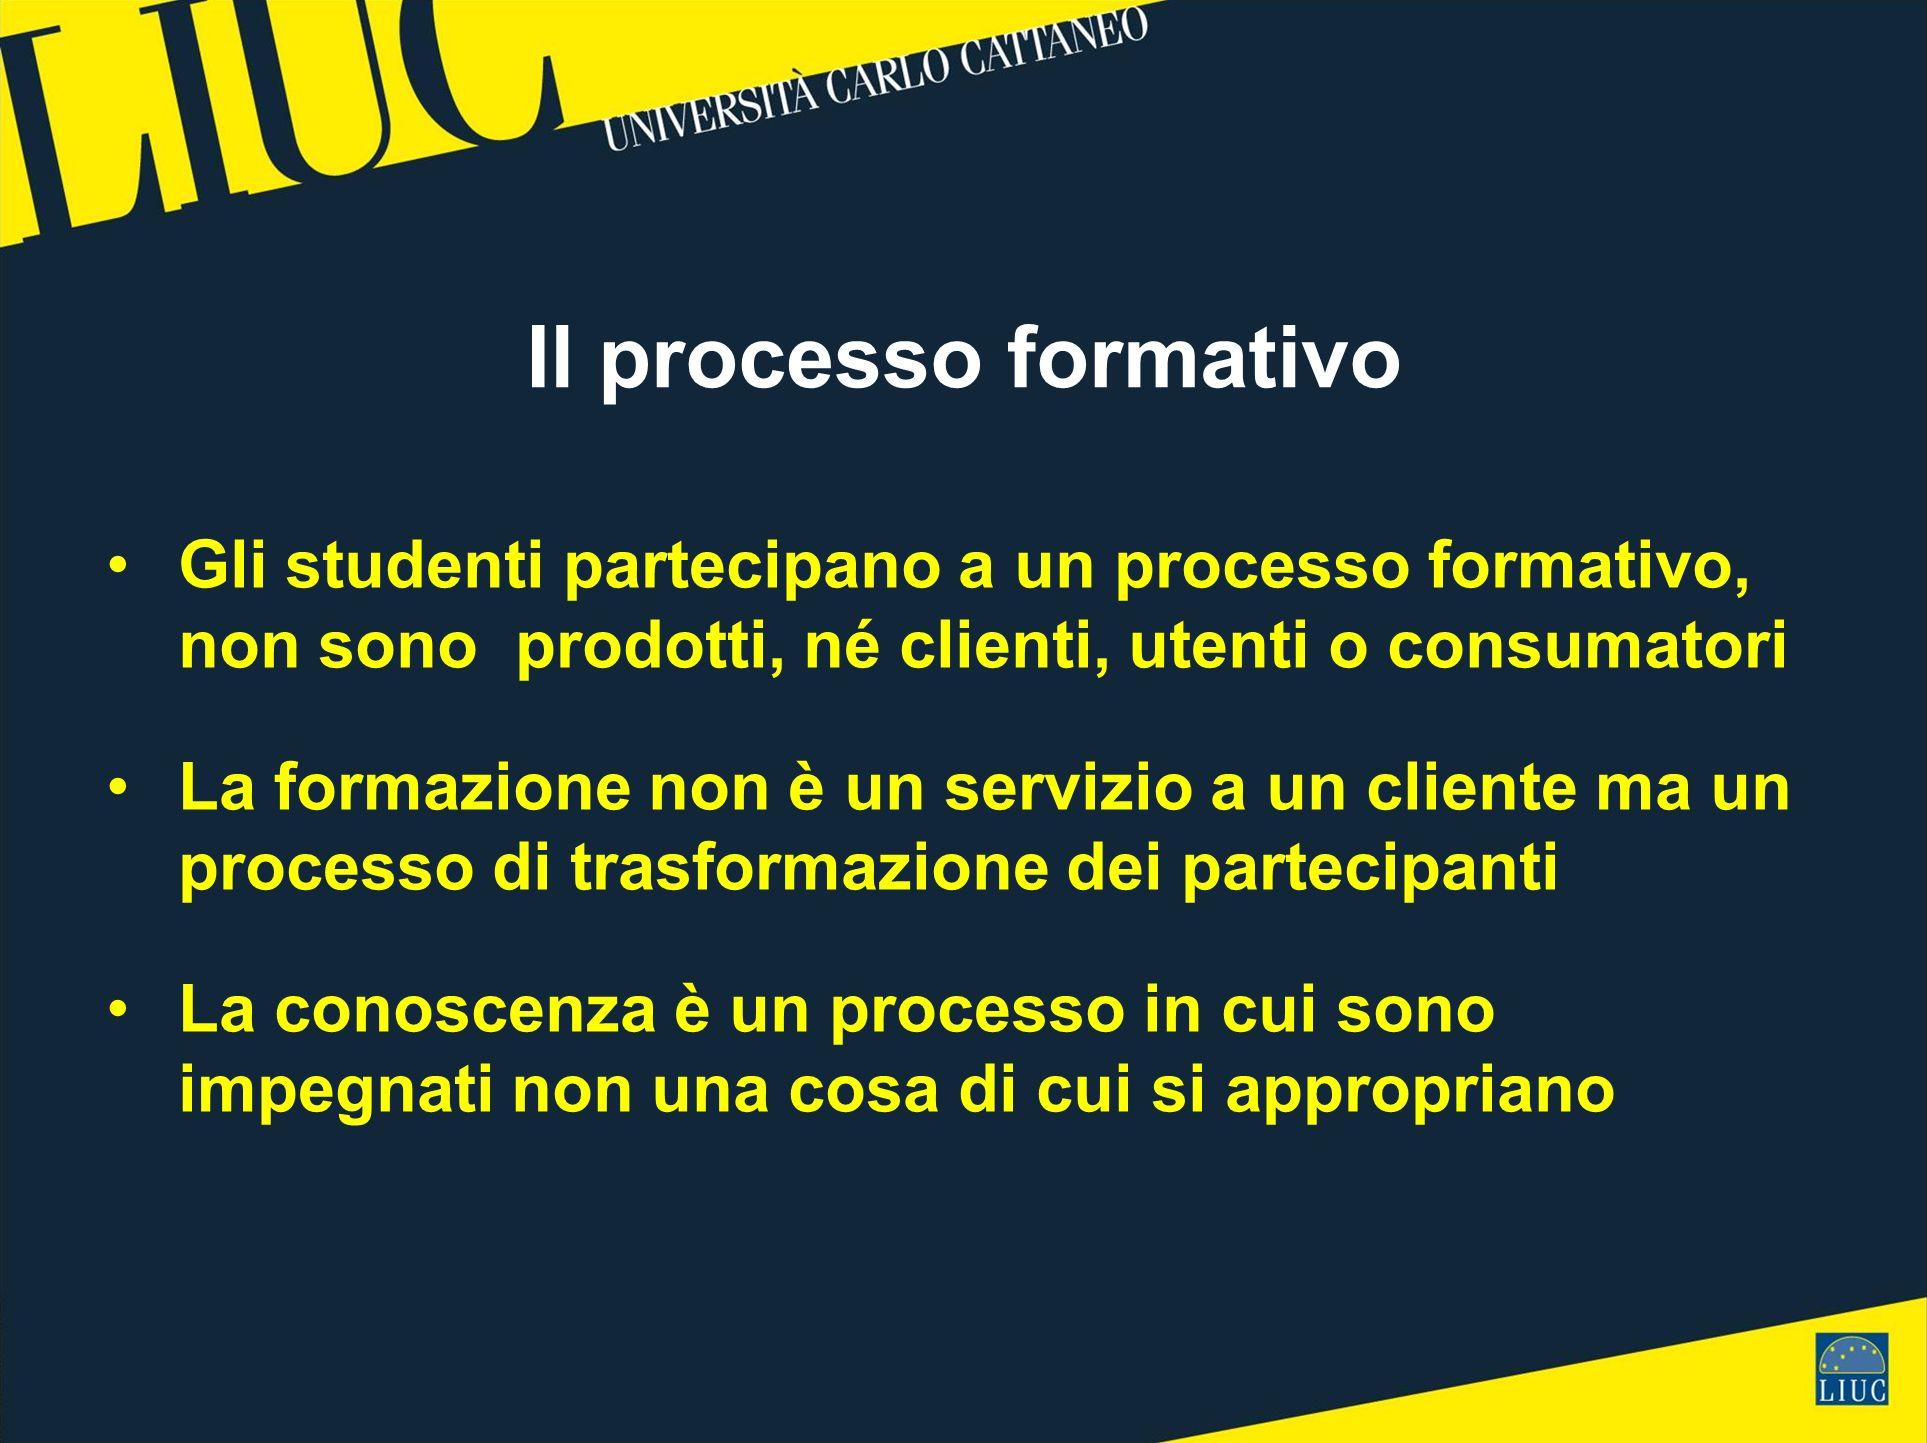 Il processo formativo Gli studenti partecipano a un processo formativo, non sono prodotti, né clienti, utenti o consumatori La formazione non è un servizio a un cliente ma un processo di trasformazione dei partecipanti La conoscenza è un processo in cui sono impegnati non una cosa di cui si appropriano